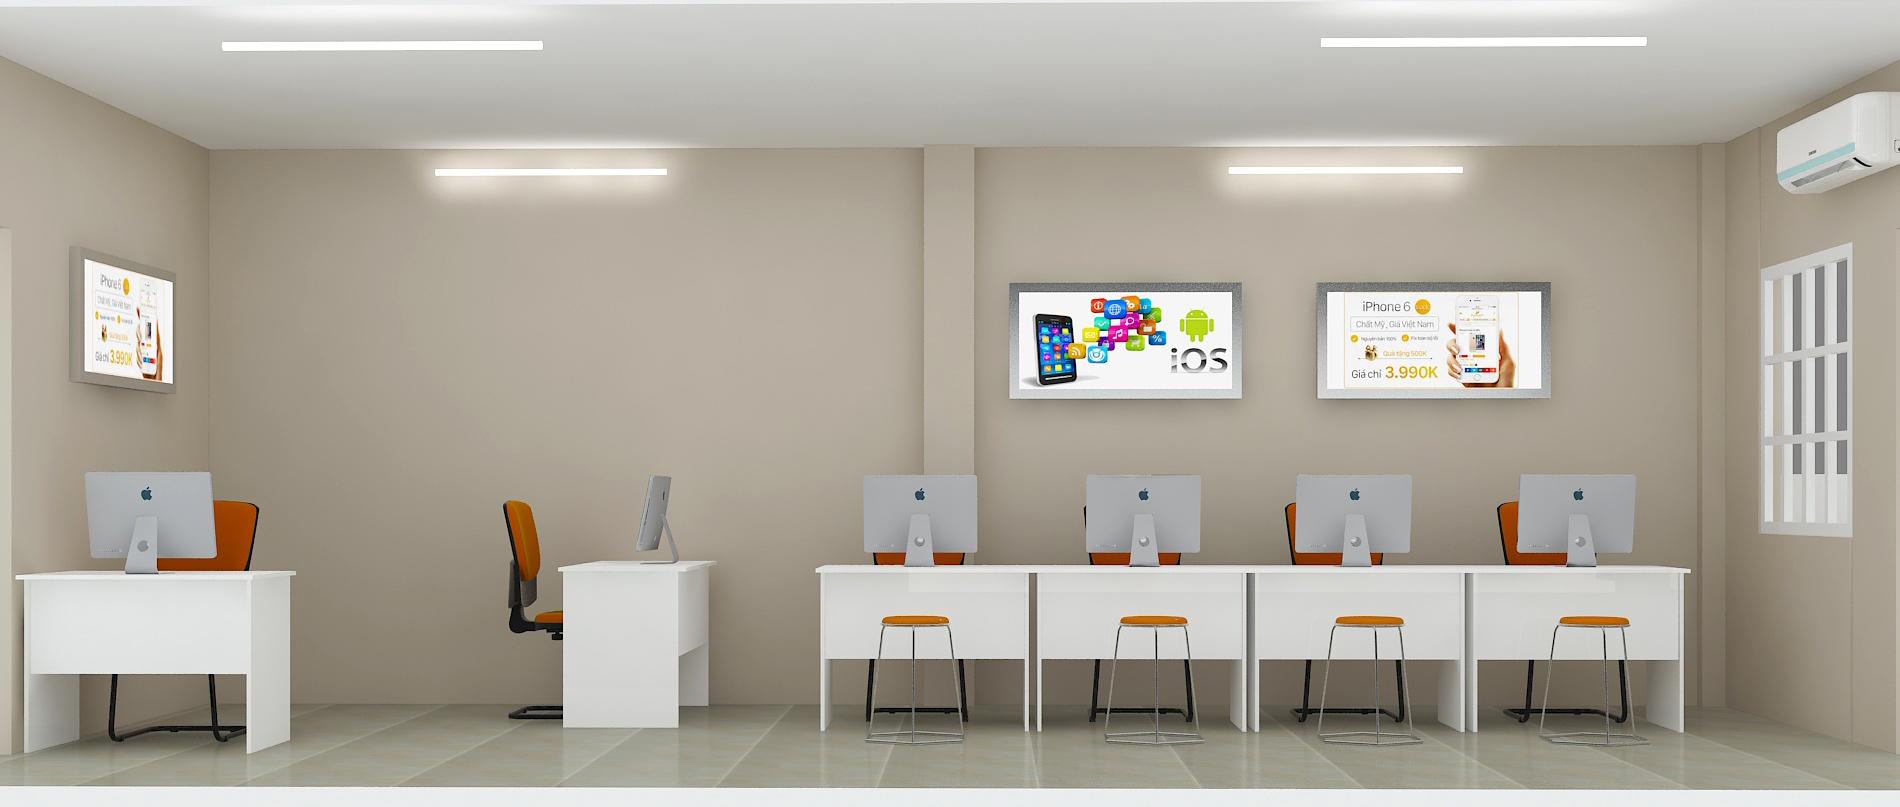 Phòng kỹ thuật với tông trắng chủ đạo kết hợp màu cam của công ty